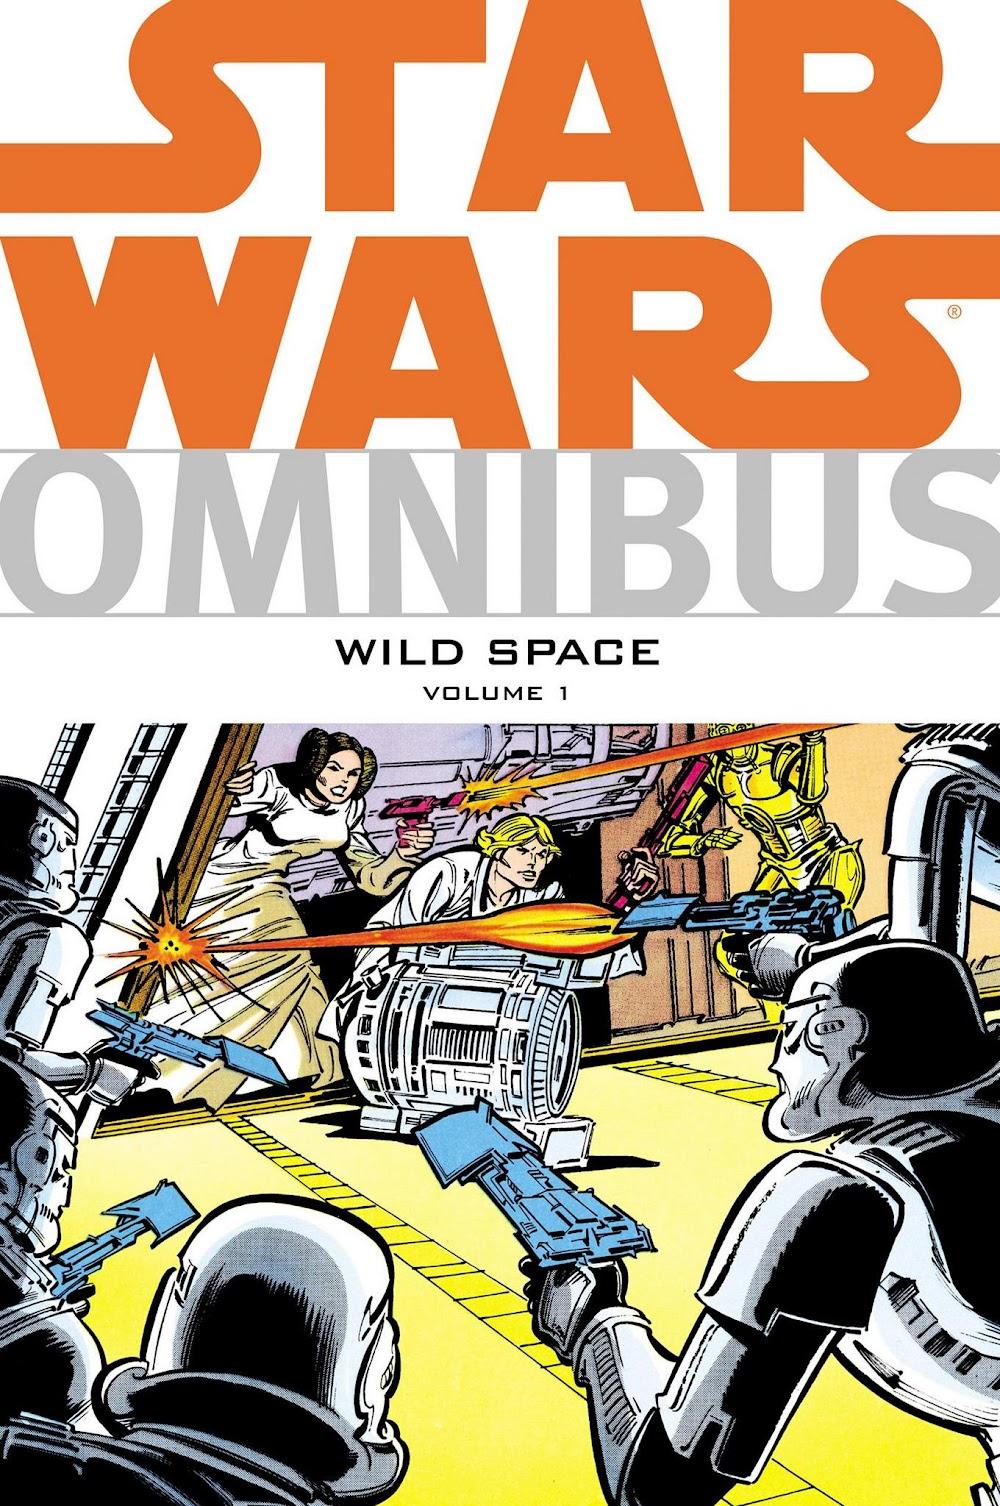 Star Wars Omnibus - Wild Space Vol.1 (2013)